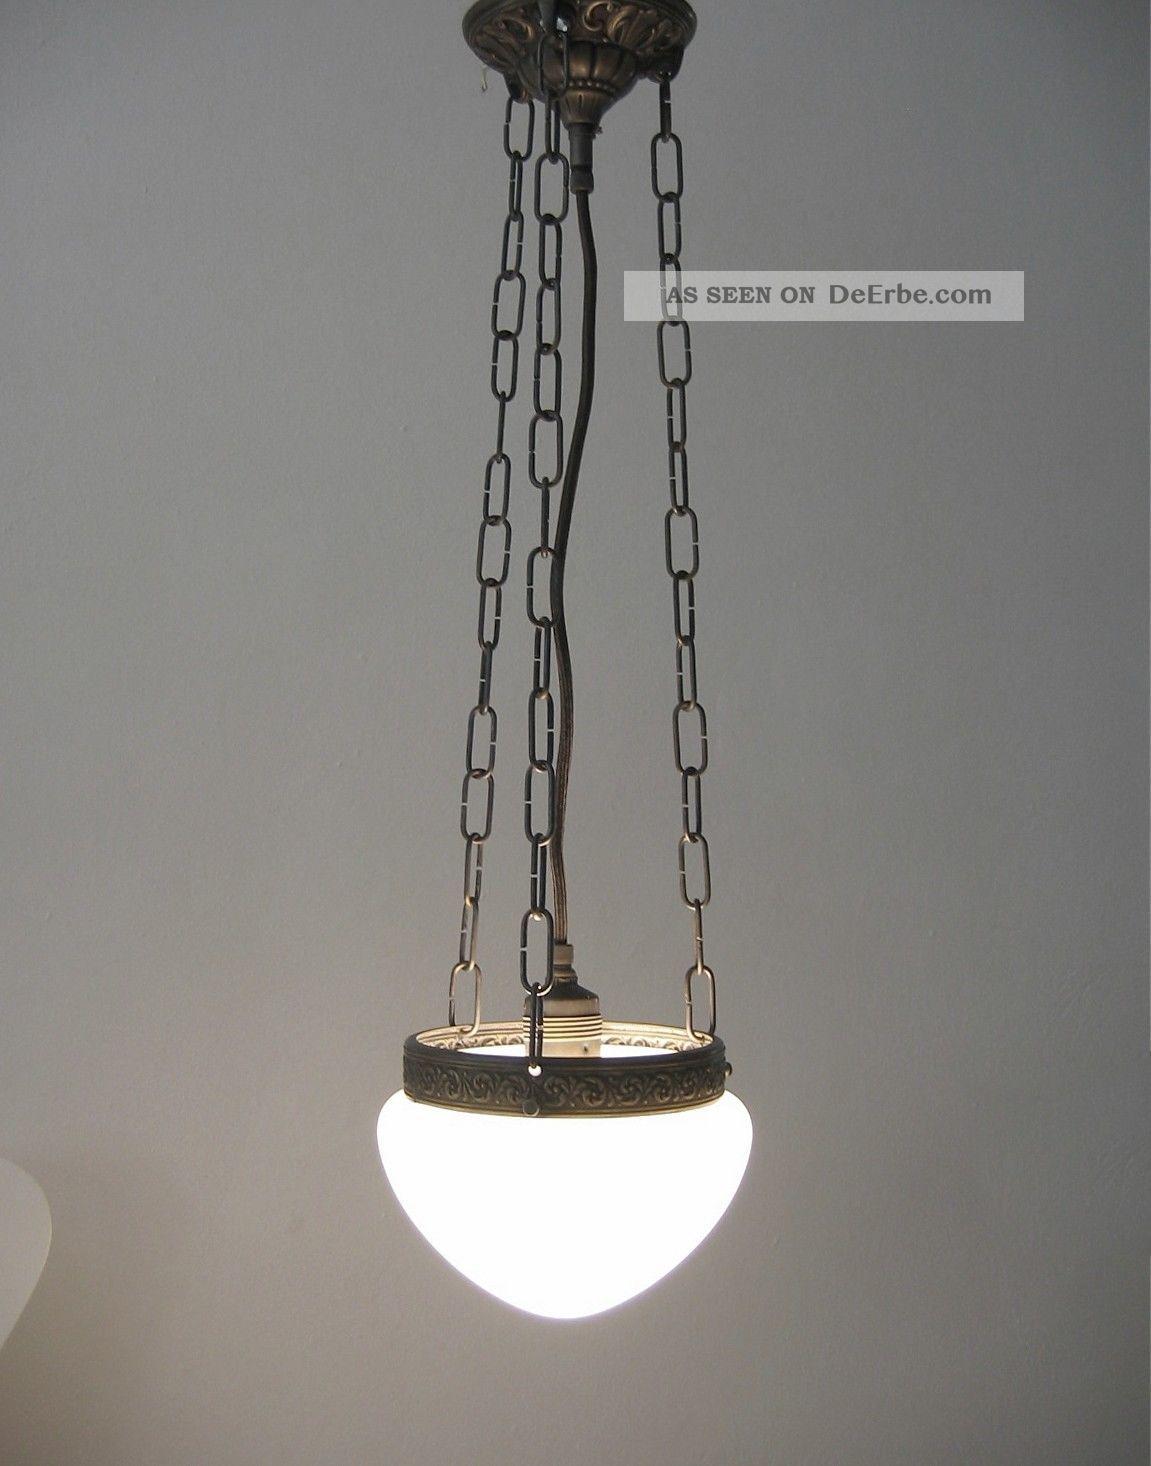 art d co pendelleuchte textilkabel leuchte bauhaus jugendstil art deco lampe. Black Bedroom Furniture Sets. Home Design Ideas